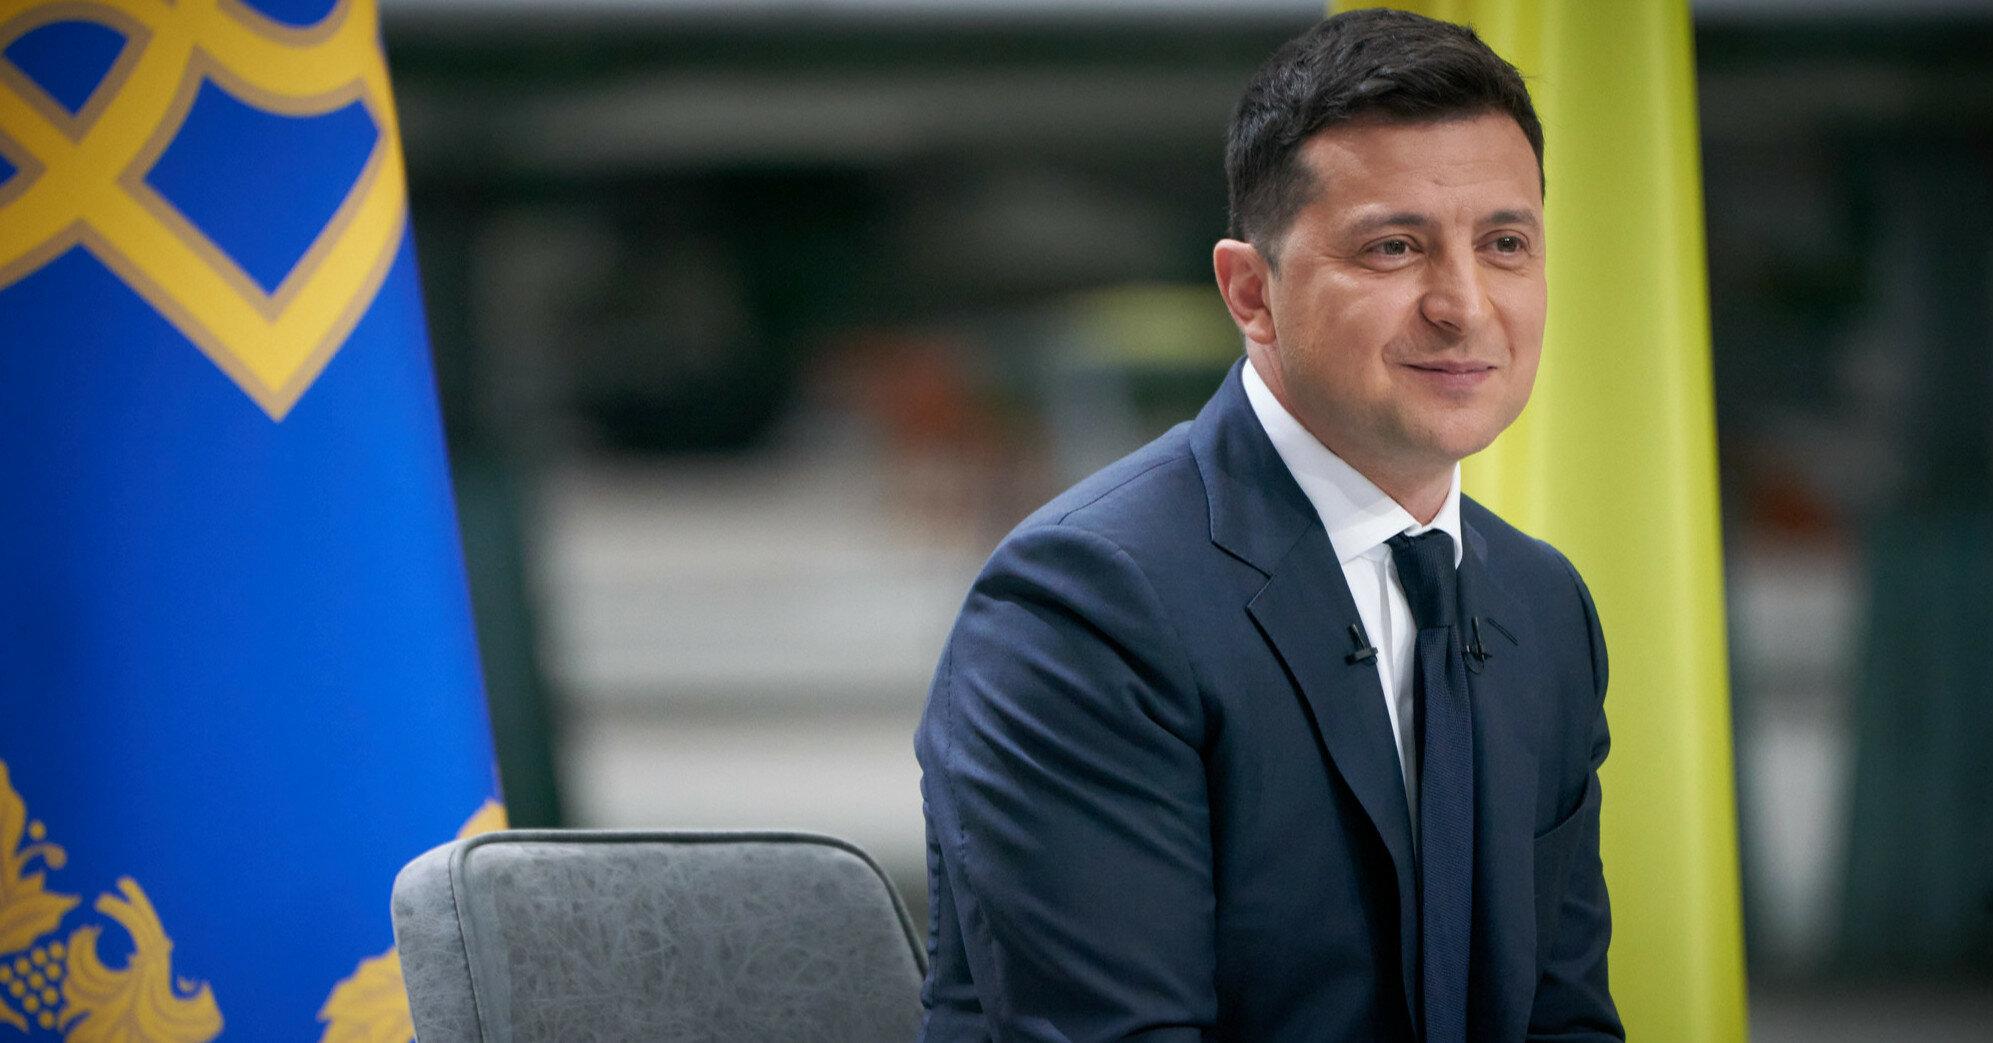 Зеленский подписал решение об урегулировании ситуации на оккупированных территориях